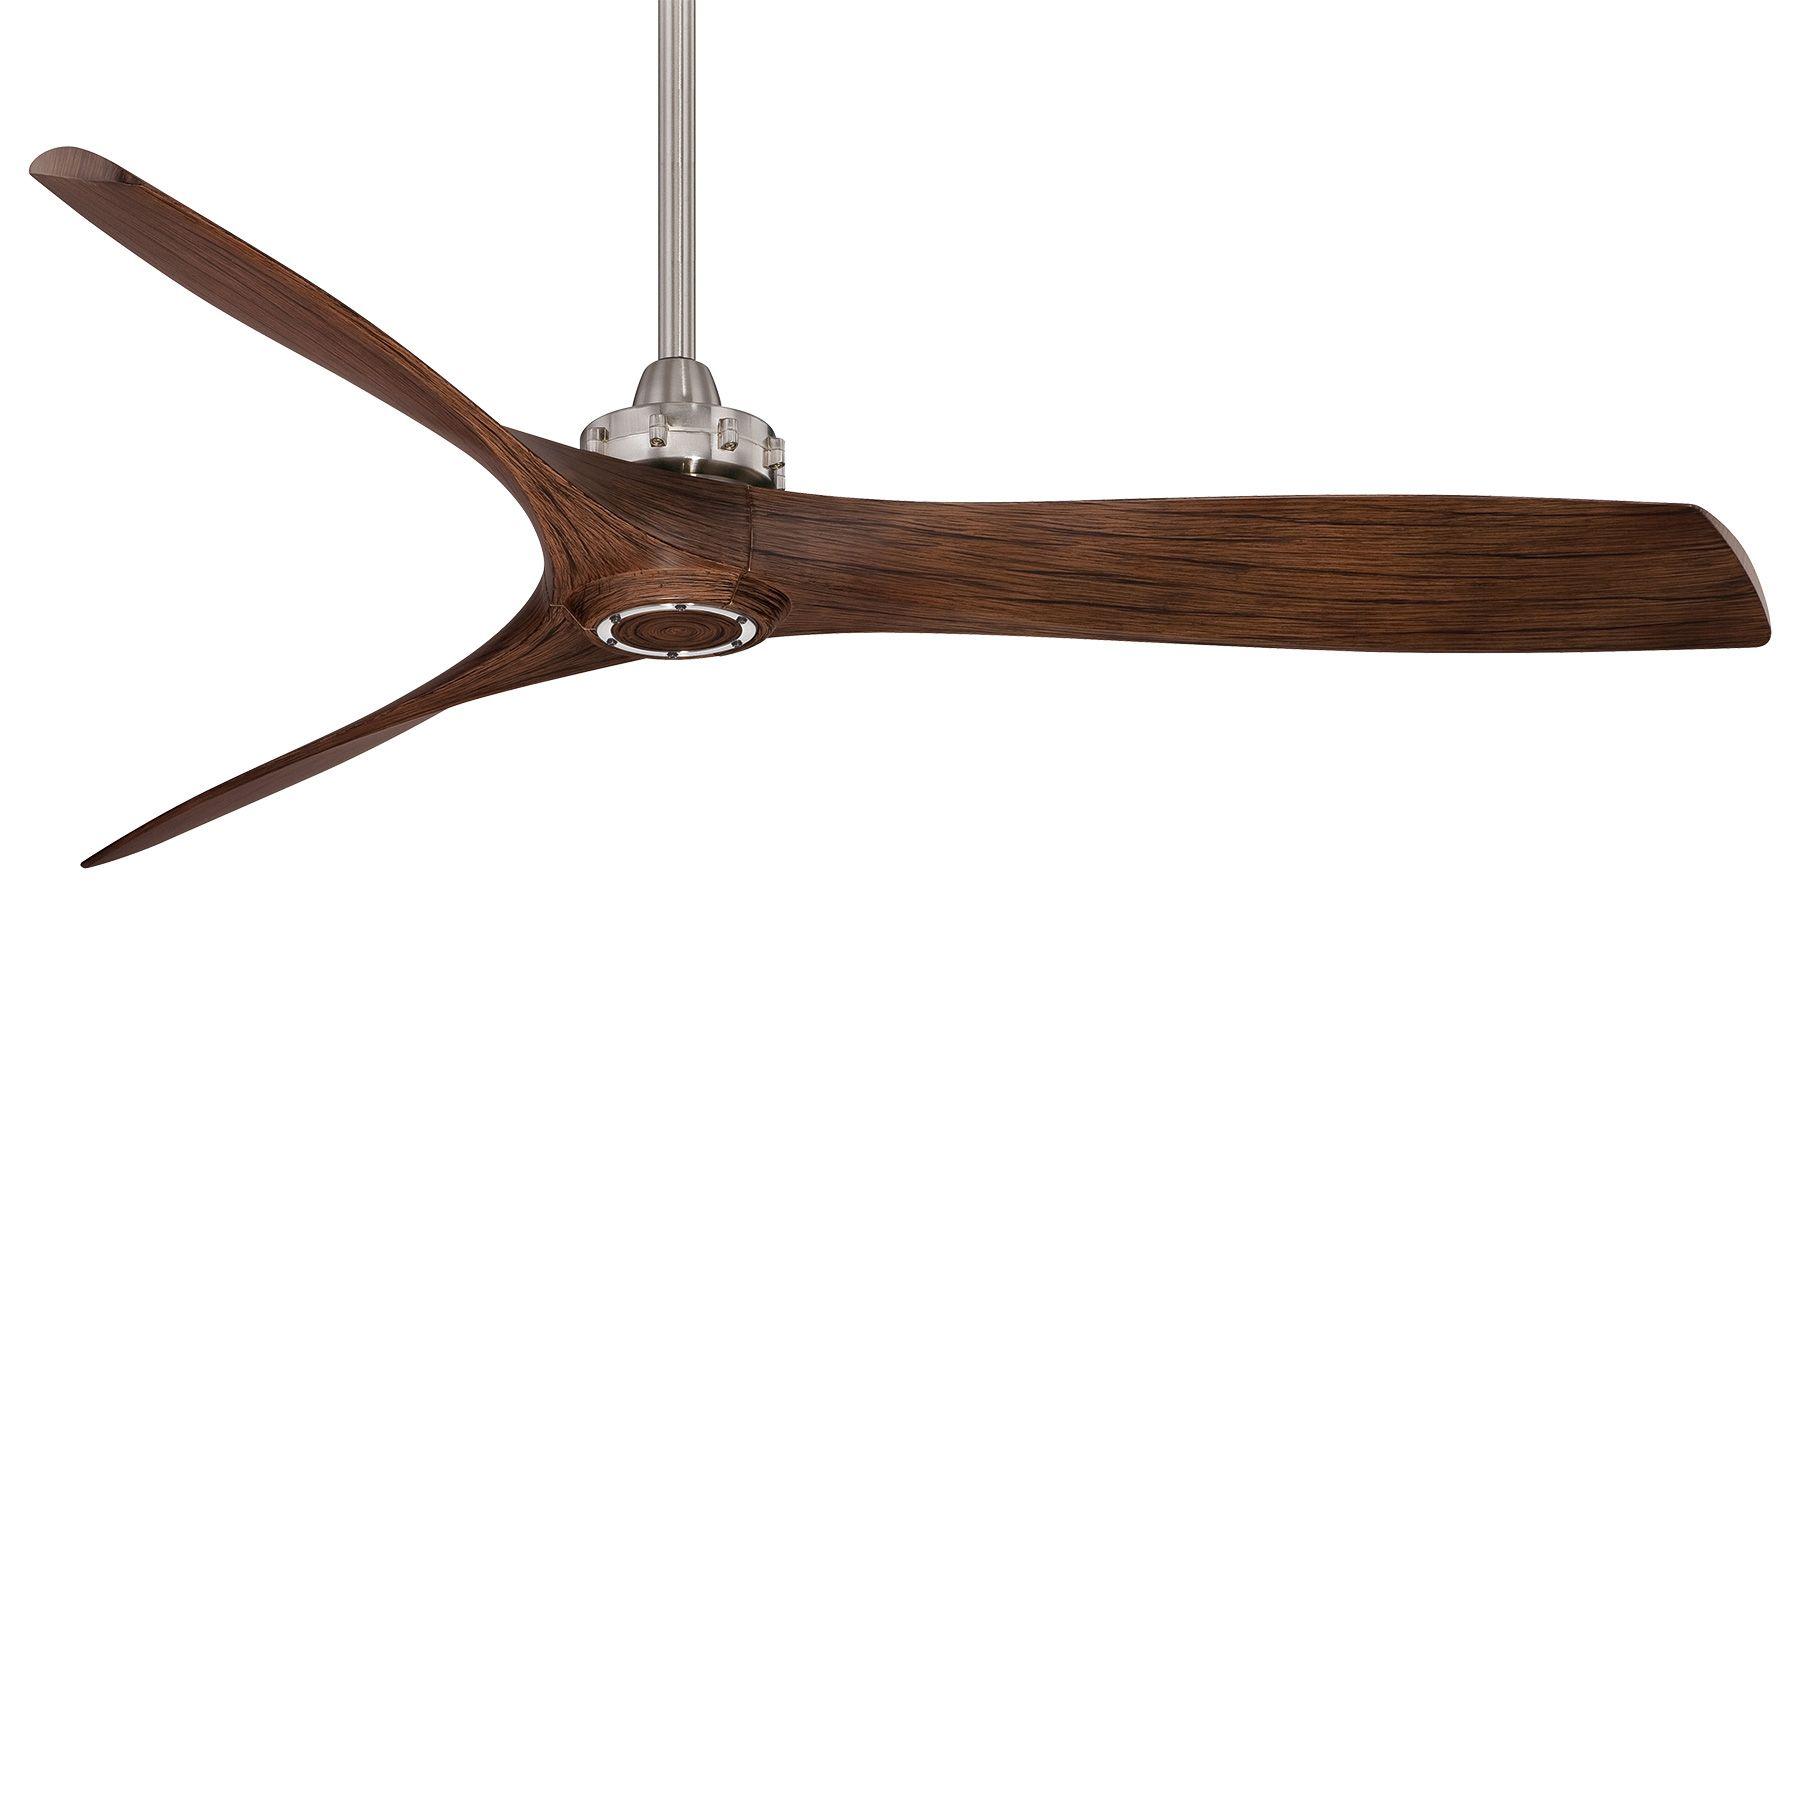 Aviation Ceiling Fan By Minka Aire F853 Bn Dk Ceiling Fan 60